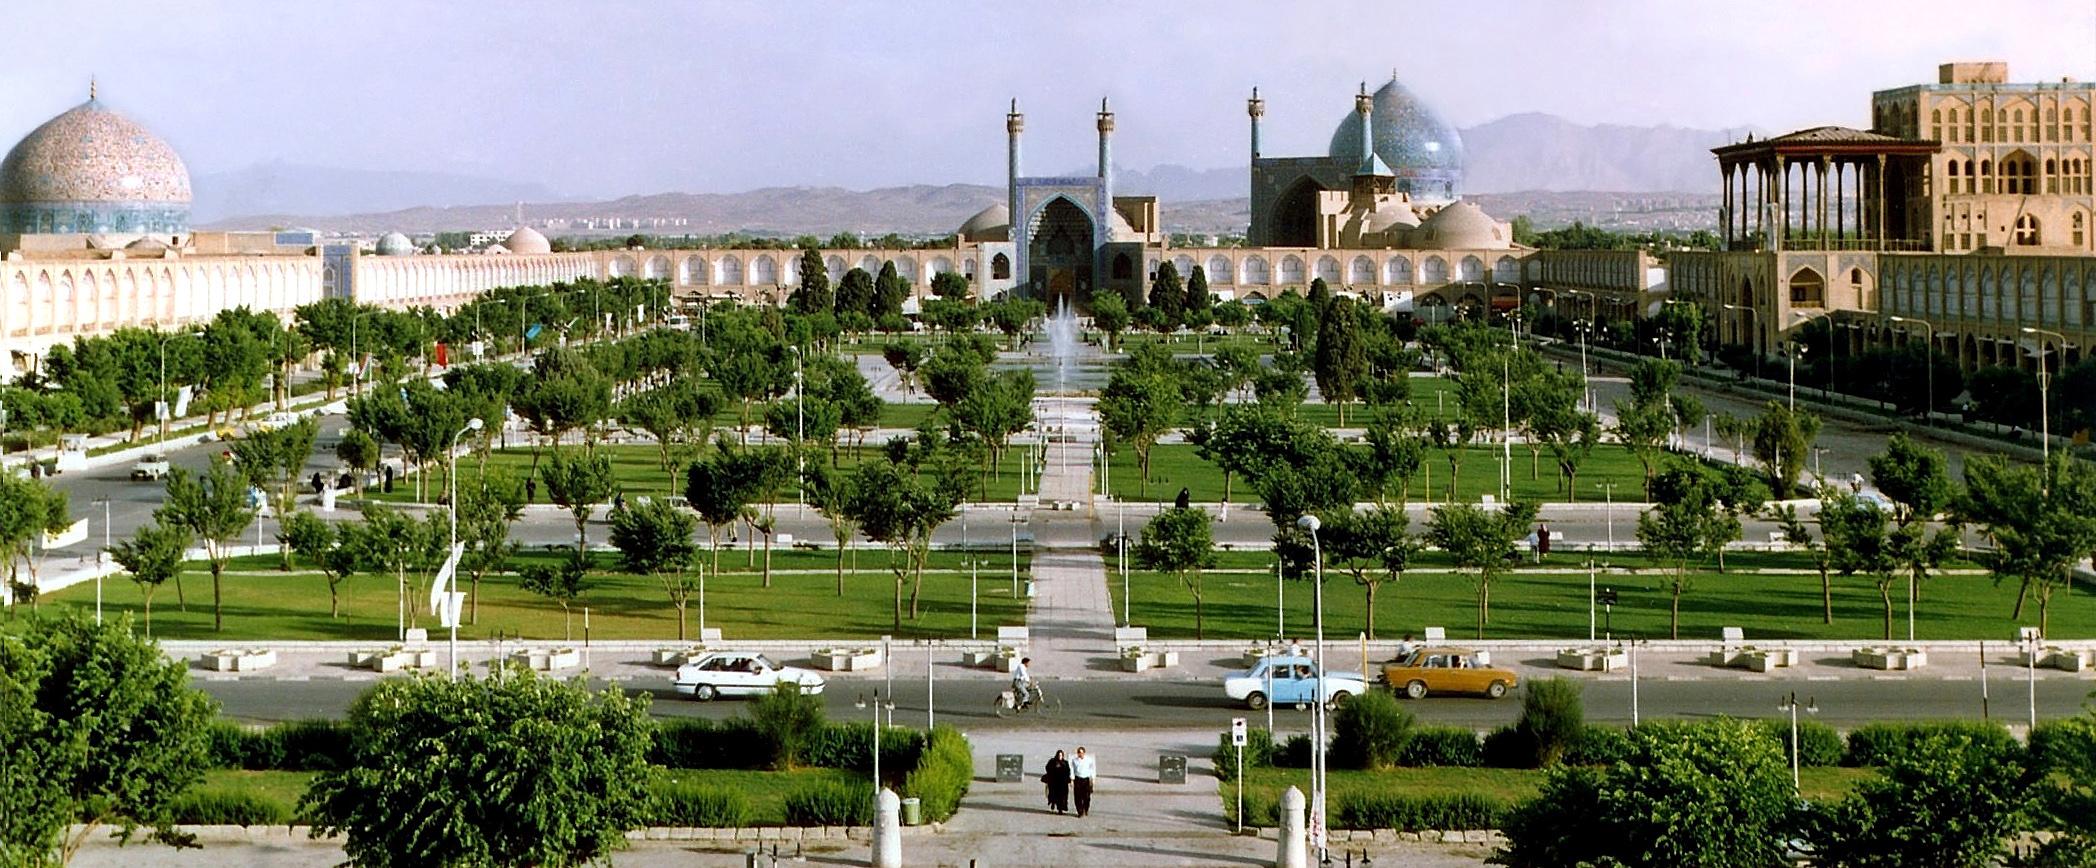 میدان نقش جهان مملو از زیبایی و هنر است.